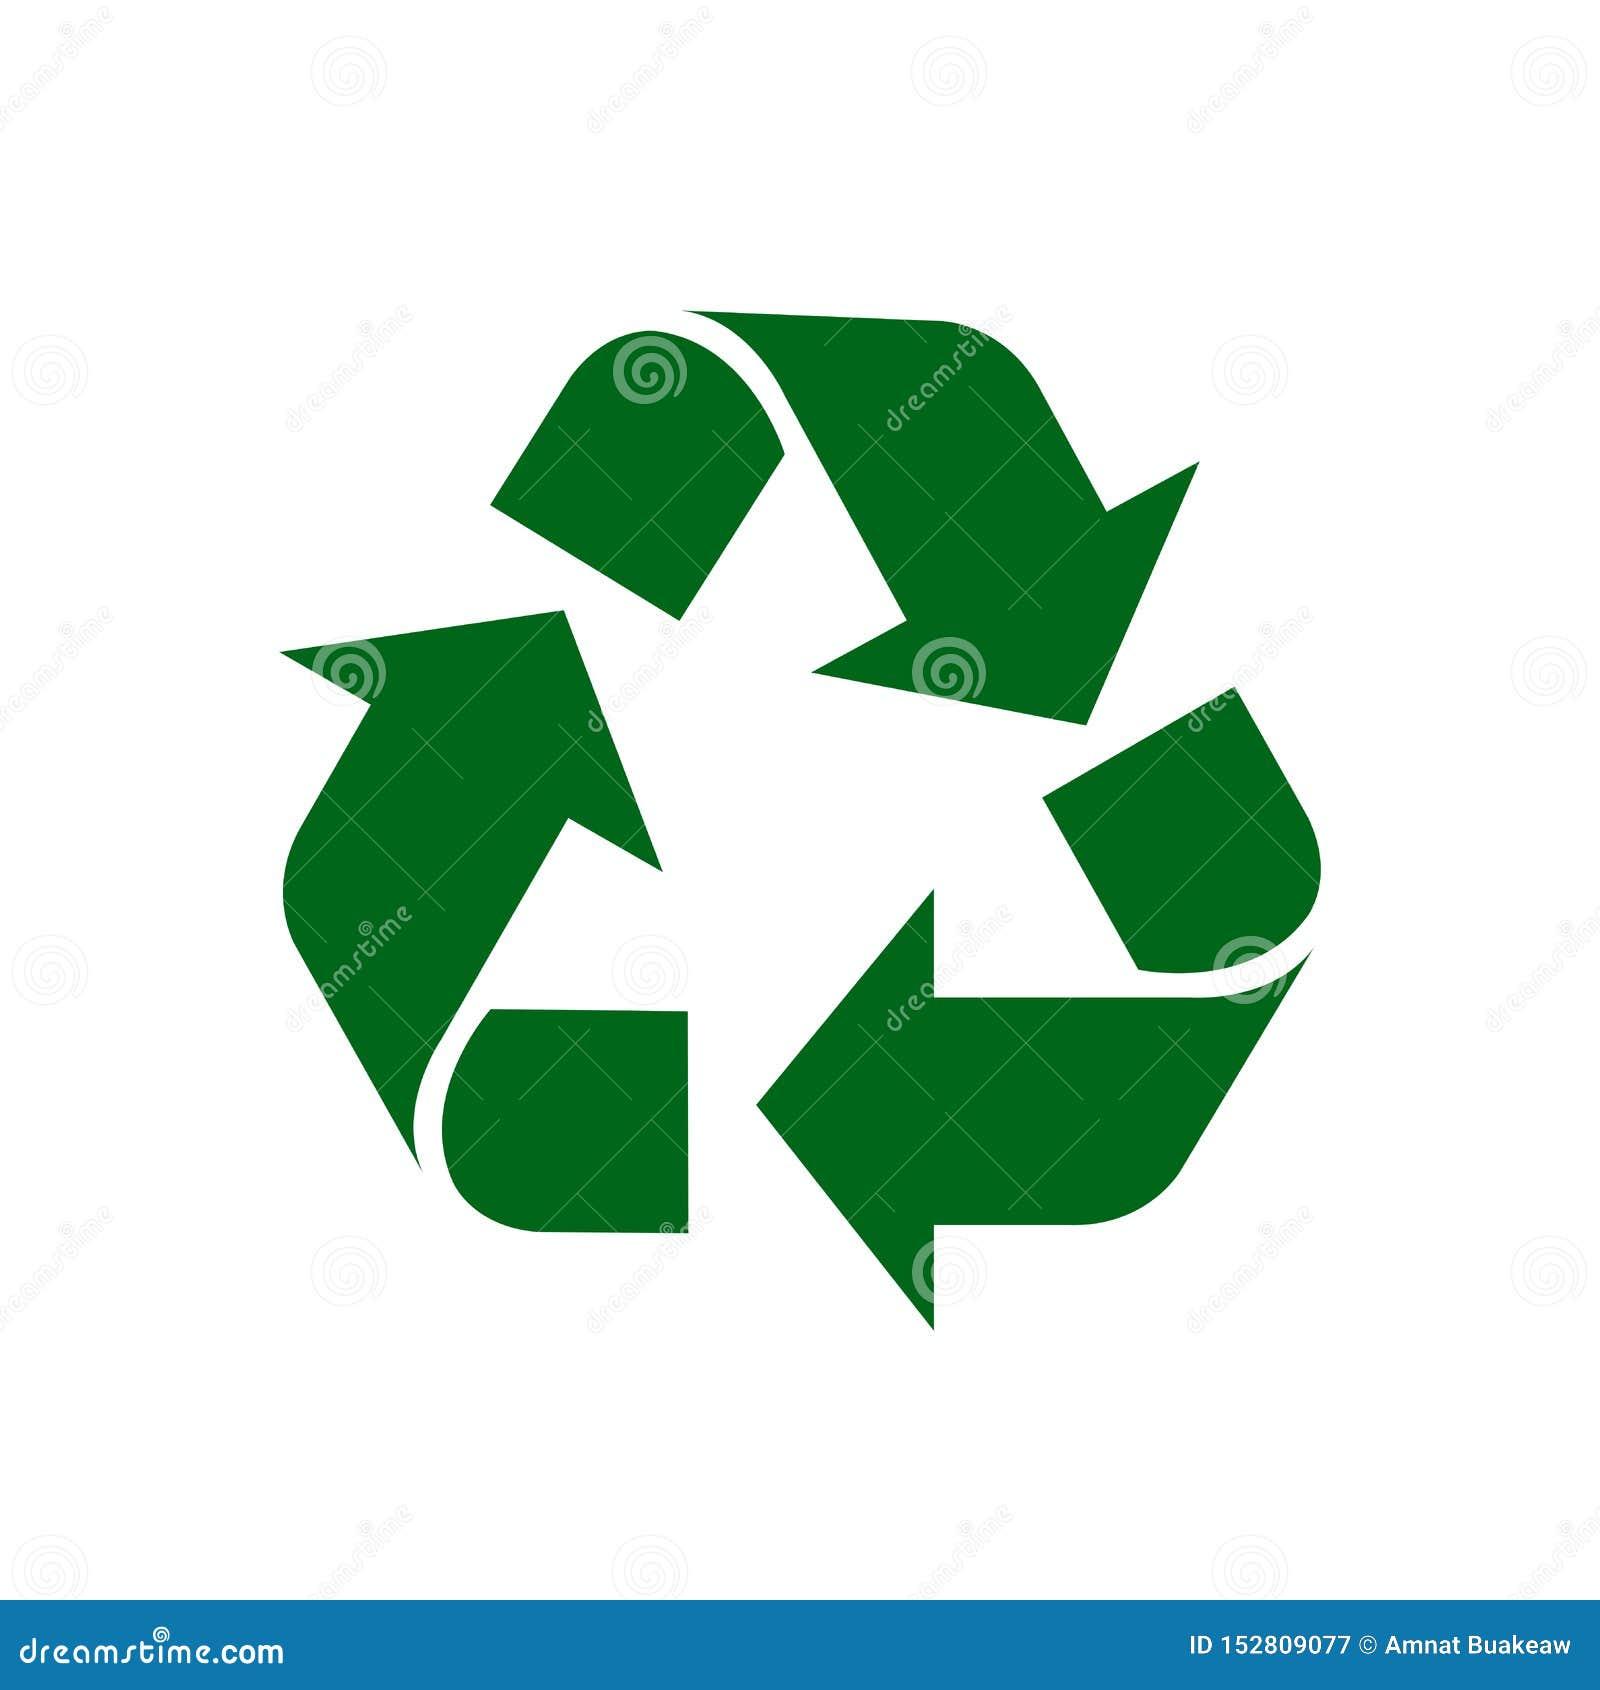 Recycleer groen symbool geïsoleerd op witte achtergrond, het groene teken van het ecologiepictogram, groene pijlvorm voor het kri